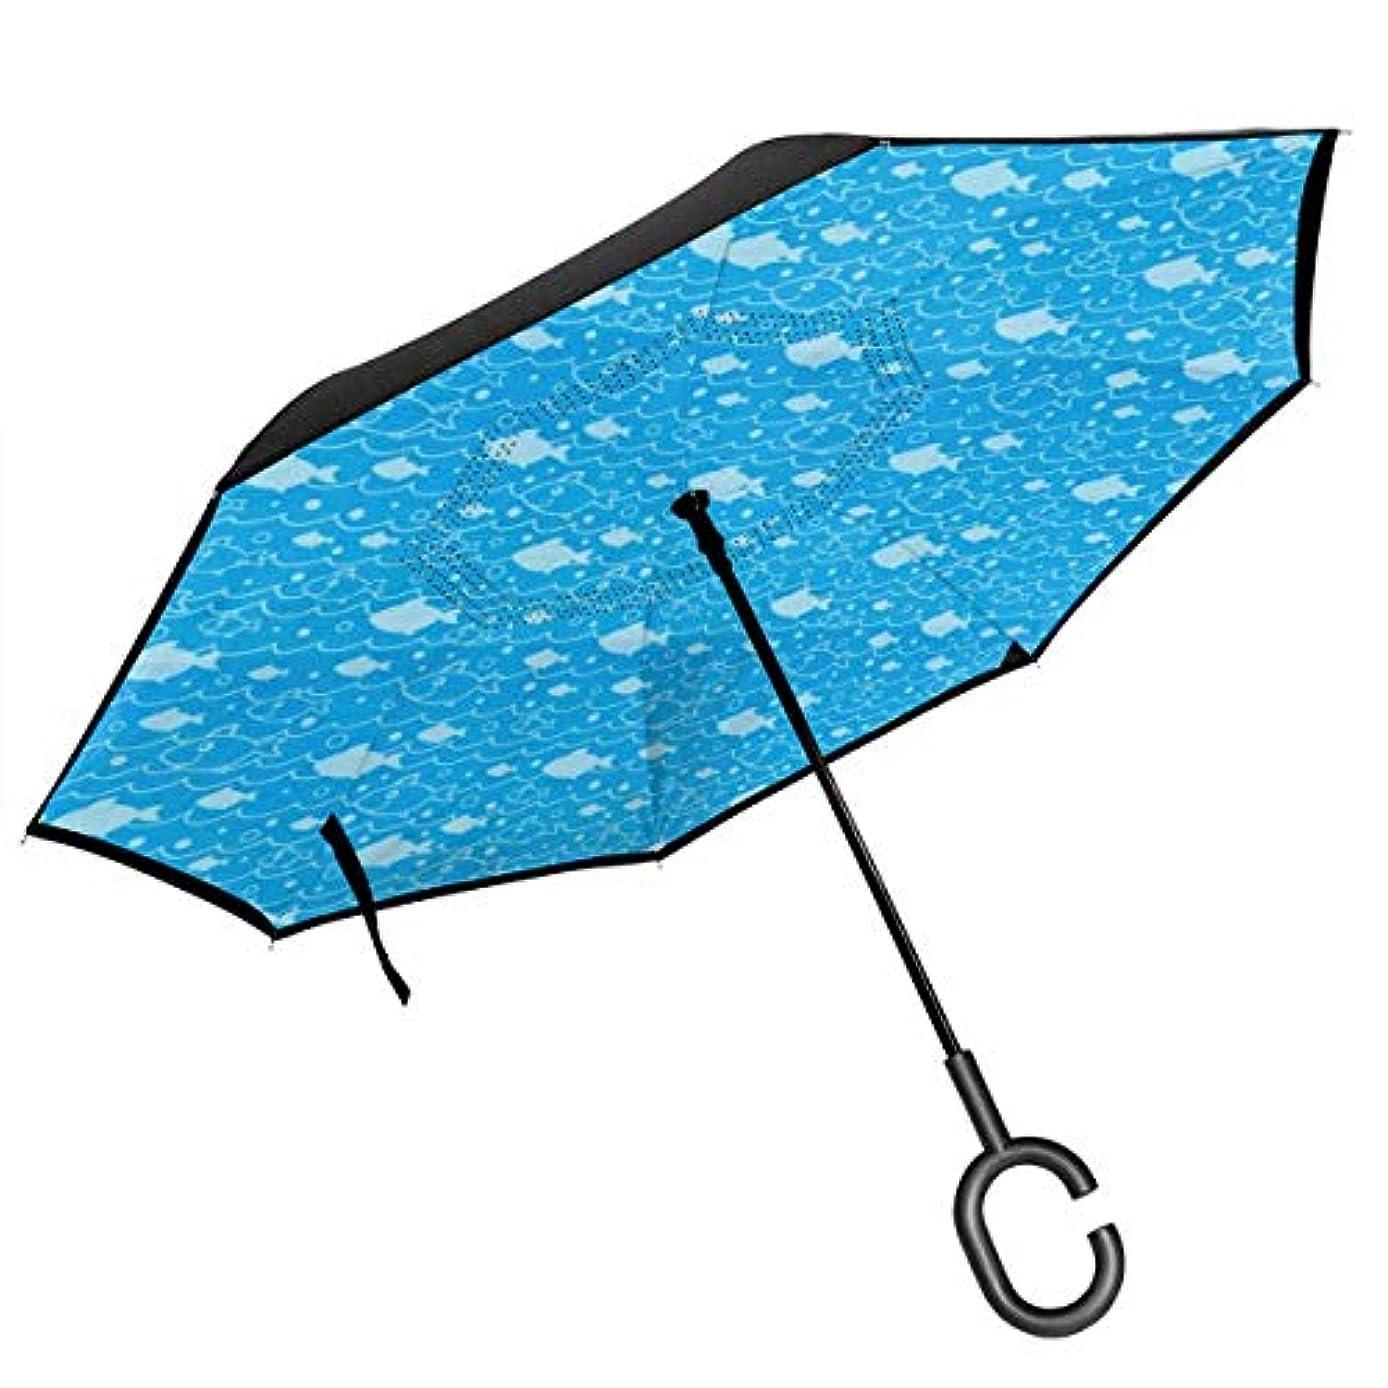 反論者チップ局長傘 逆折り式傘 車用傘 閉じると自立可能 耐風 撥水 遮光遮熱 コーティング C型手元 UVカット 8本骨 晴雨兼用 海の魚